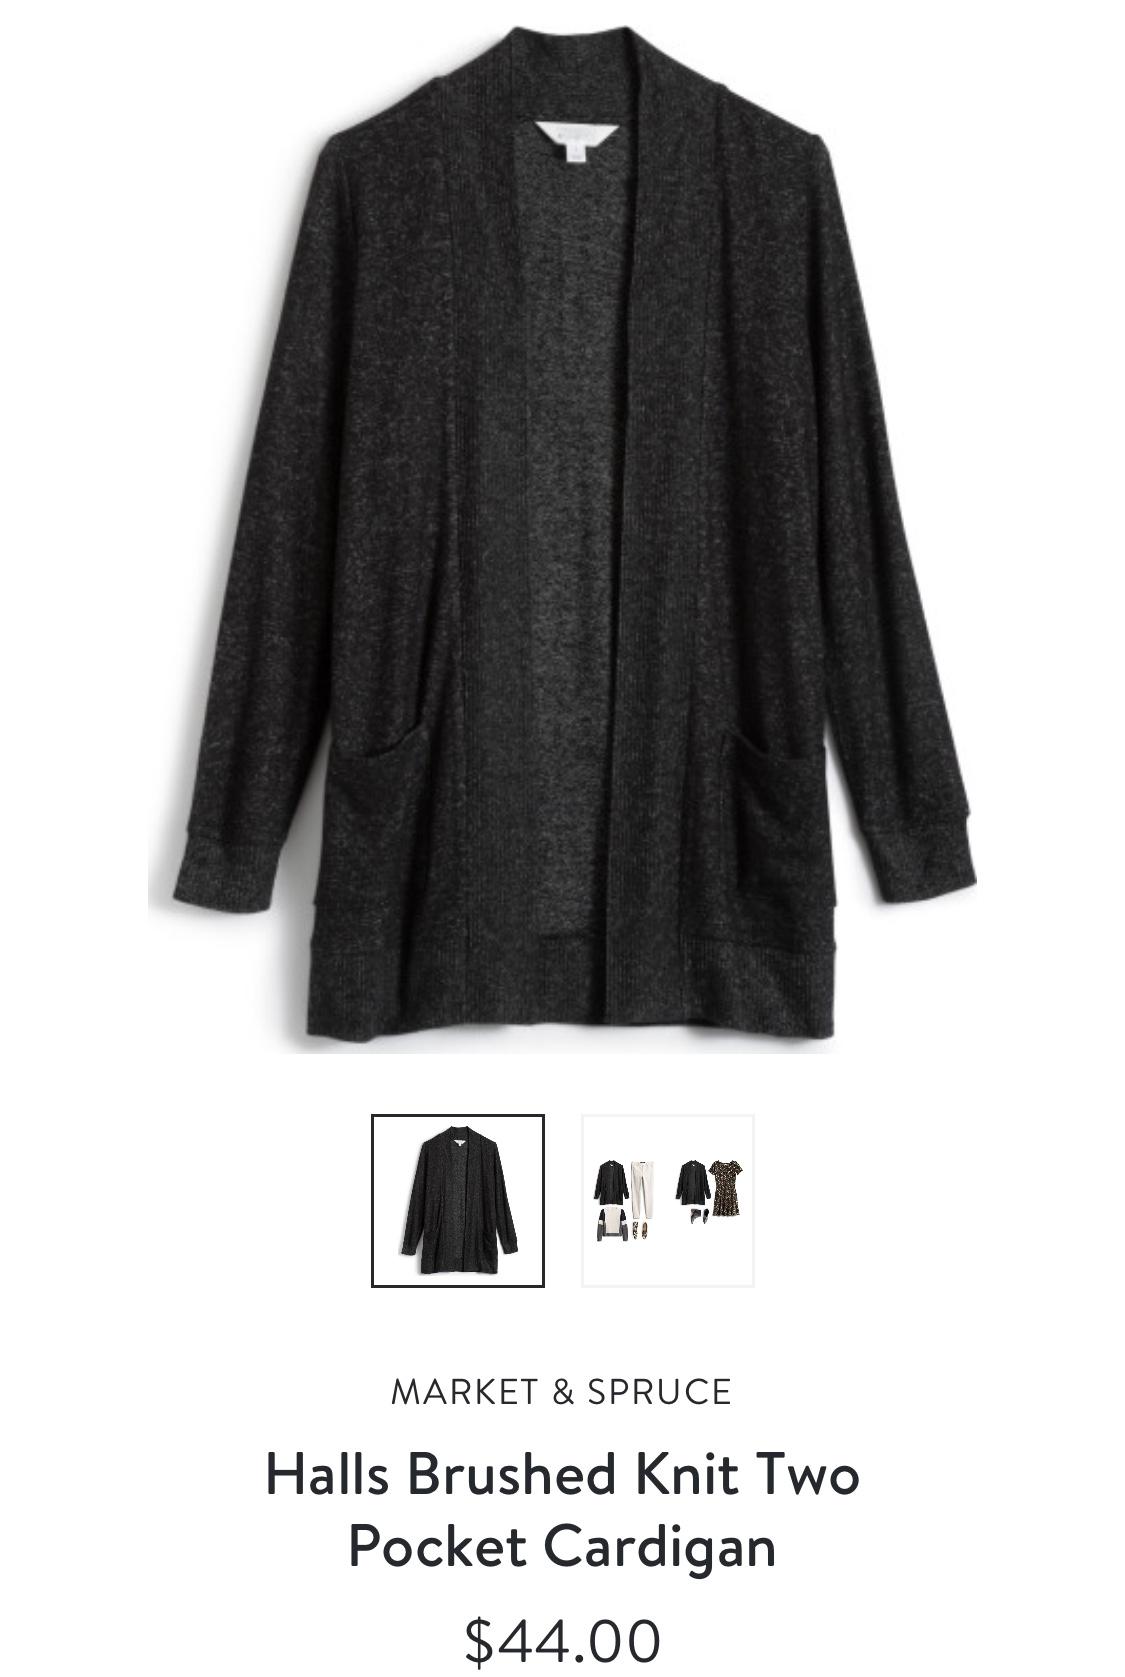 Market & Spruce Halls Brushed Knit Two Pocket Cardigan